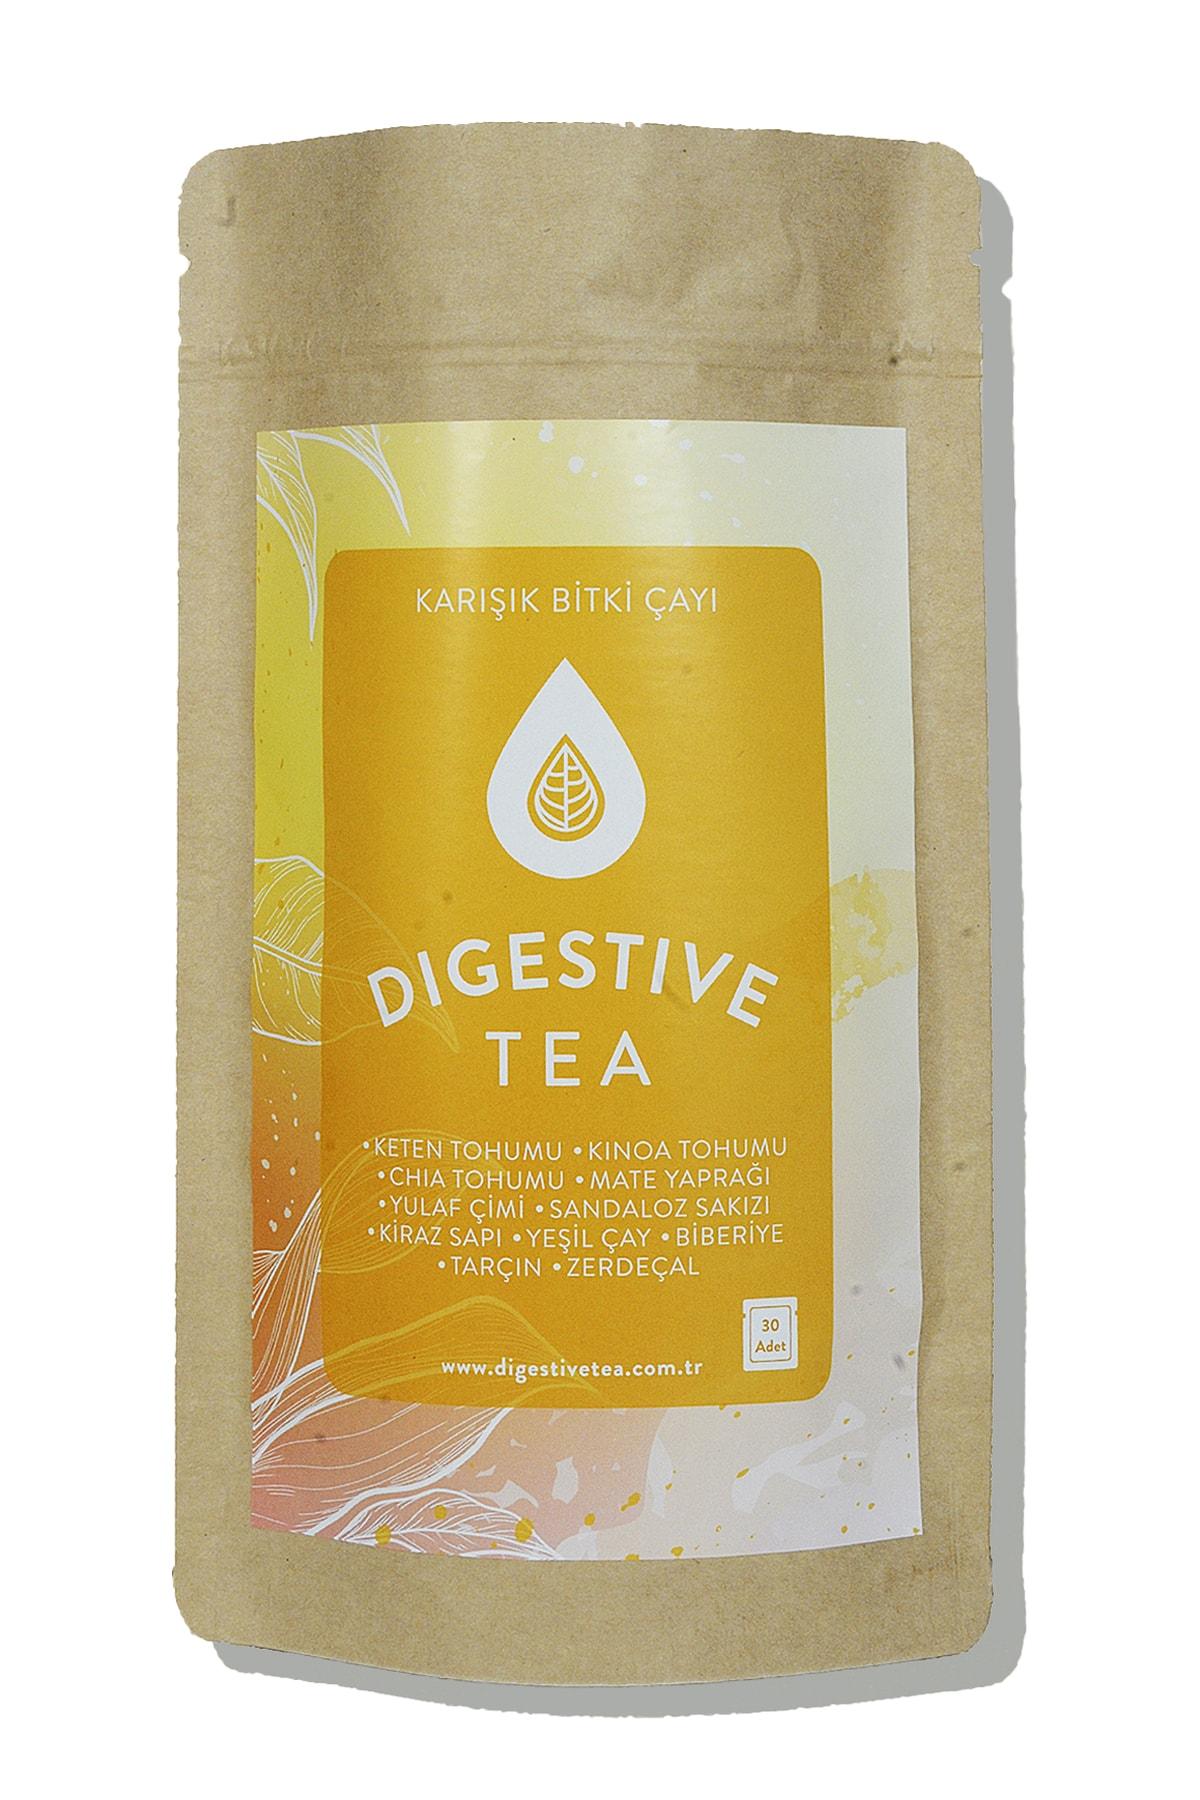 Diyet Ve Ödem Atımına Yardımcı, Zayıflama Ve Detoks Çayı